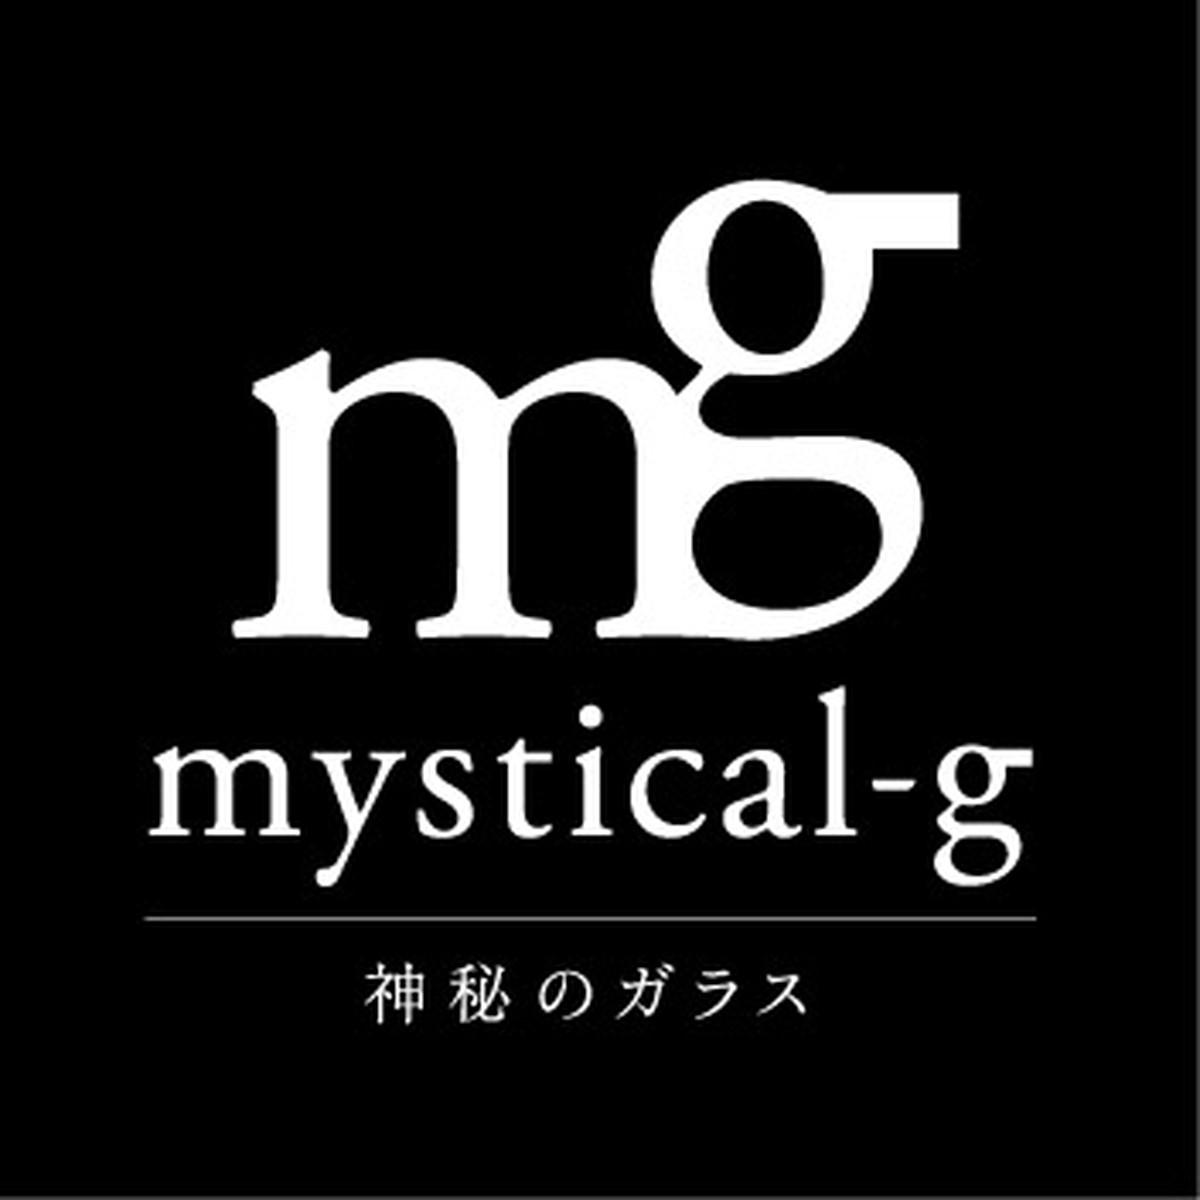 mystical-g/神秘のガラス(スマホガラスコーティング) powered by BASE